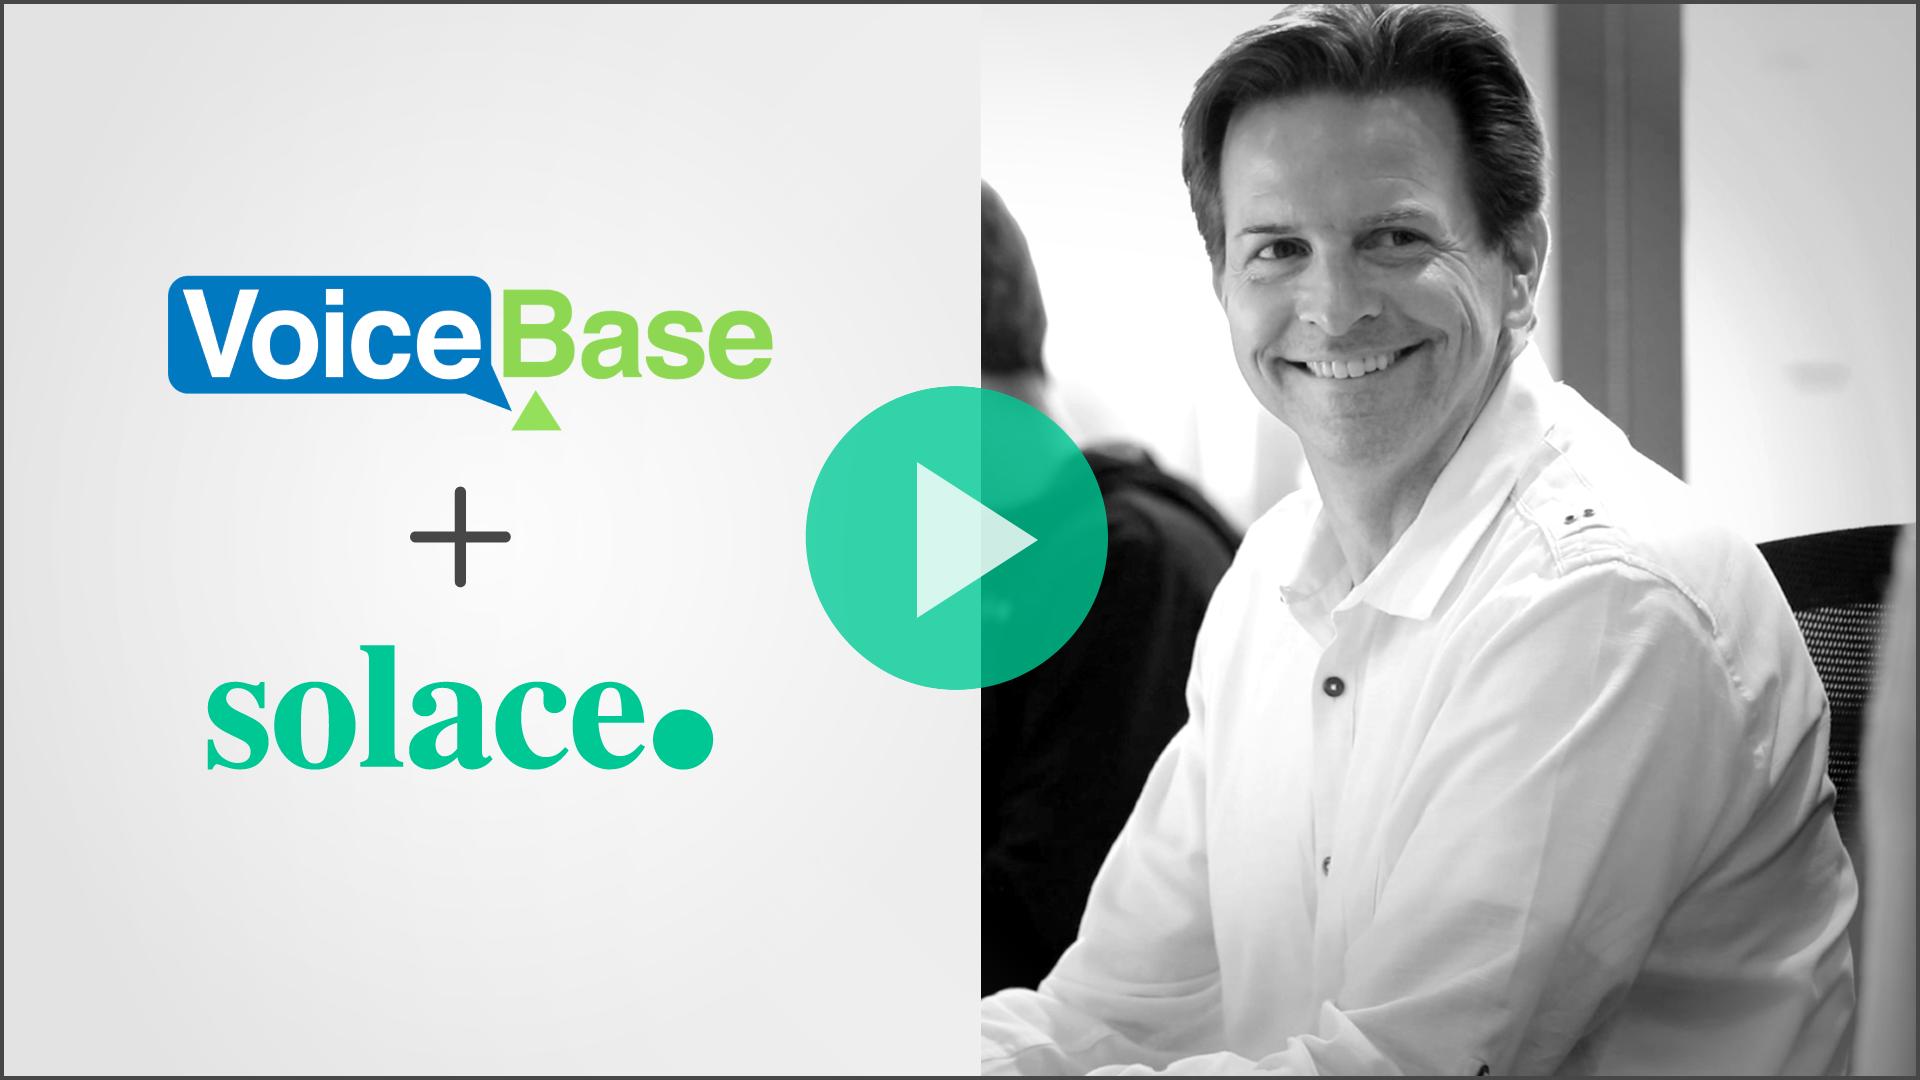 VoiceBase + Solace